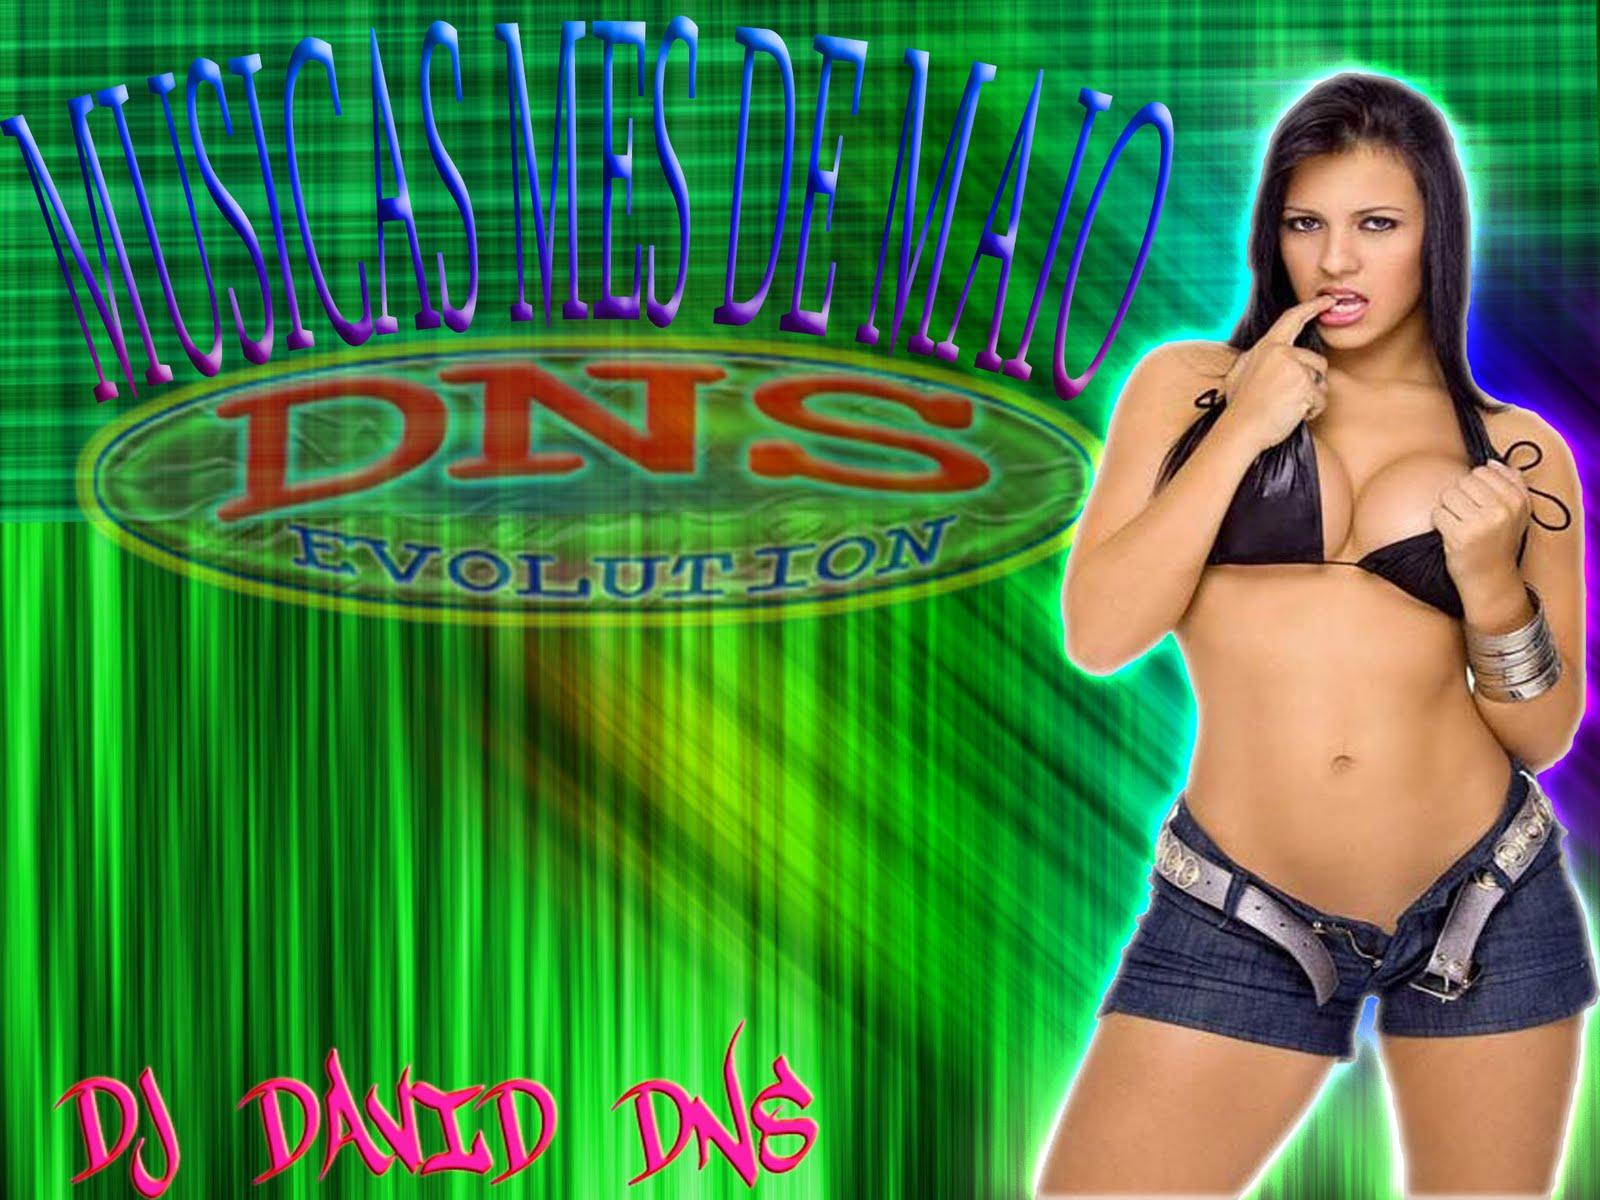 http://1.bp.blogspot.com/_WmS6pfdFJkY/S-BUVrNMsRI/AAAAAAAAAMA/c0zNYwbtcIc/s1600/electro+maio+2010.jpg